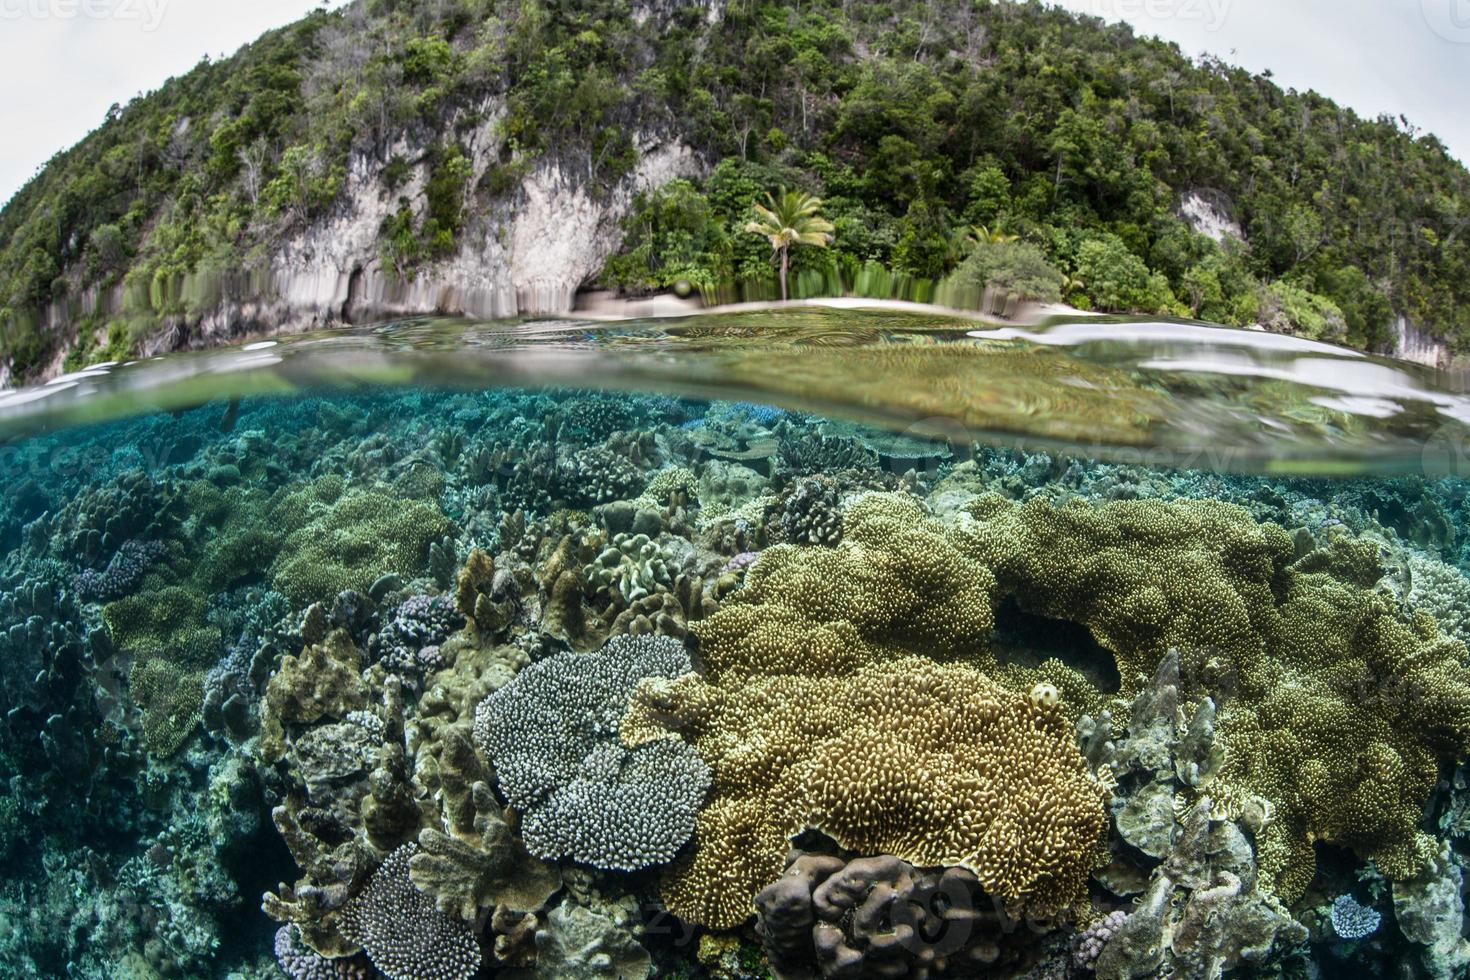 Korallenriff in der Nähe von Kalksteininsel foto